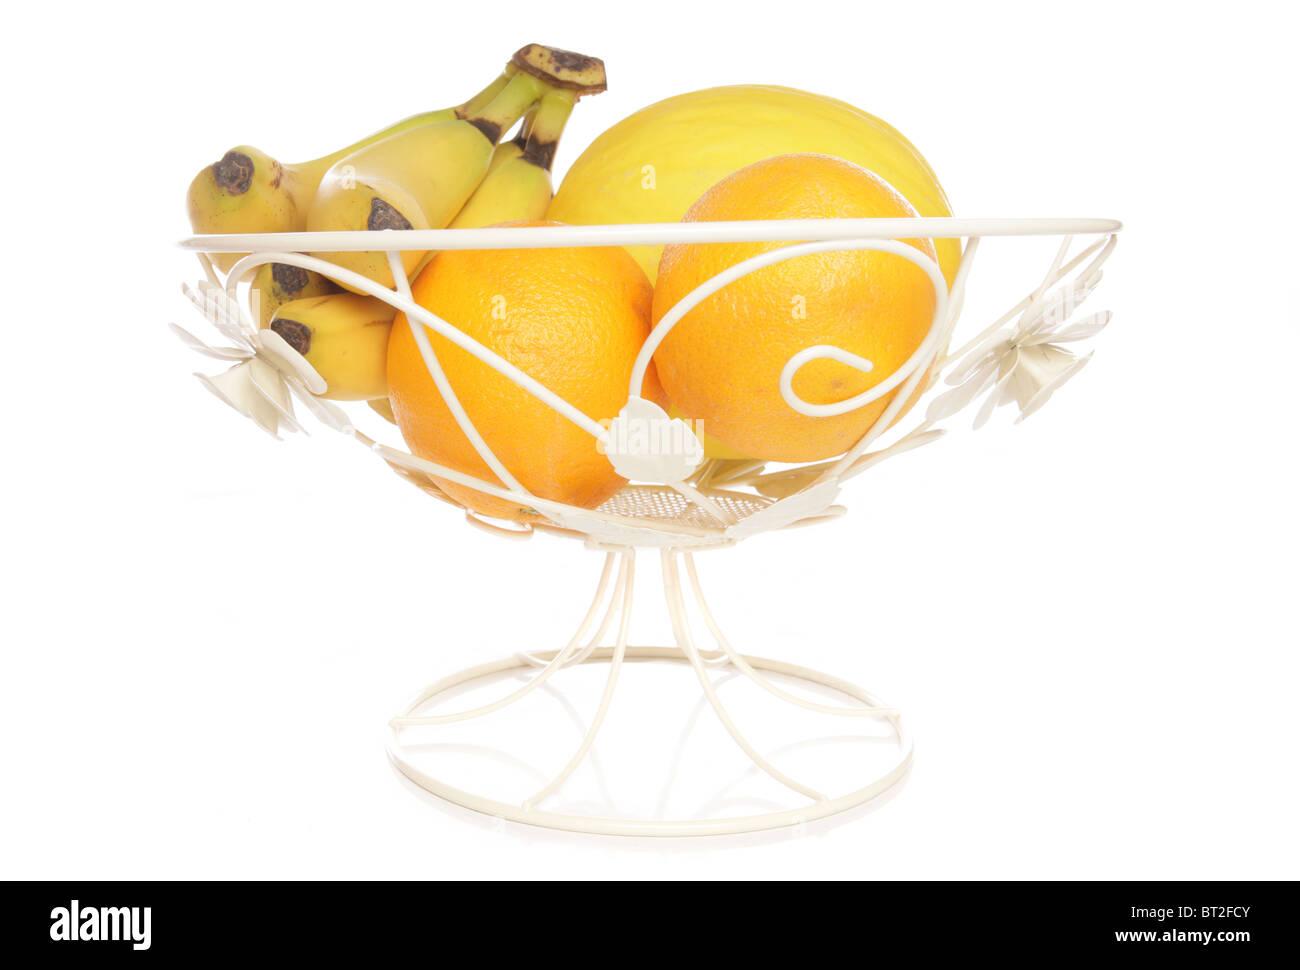 Fruit bowl isolated studio cutout - Stock Image